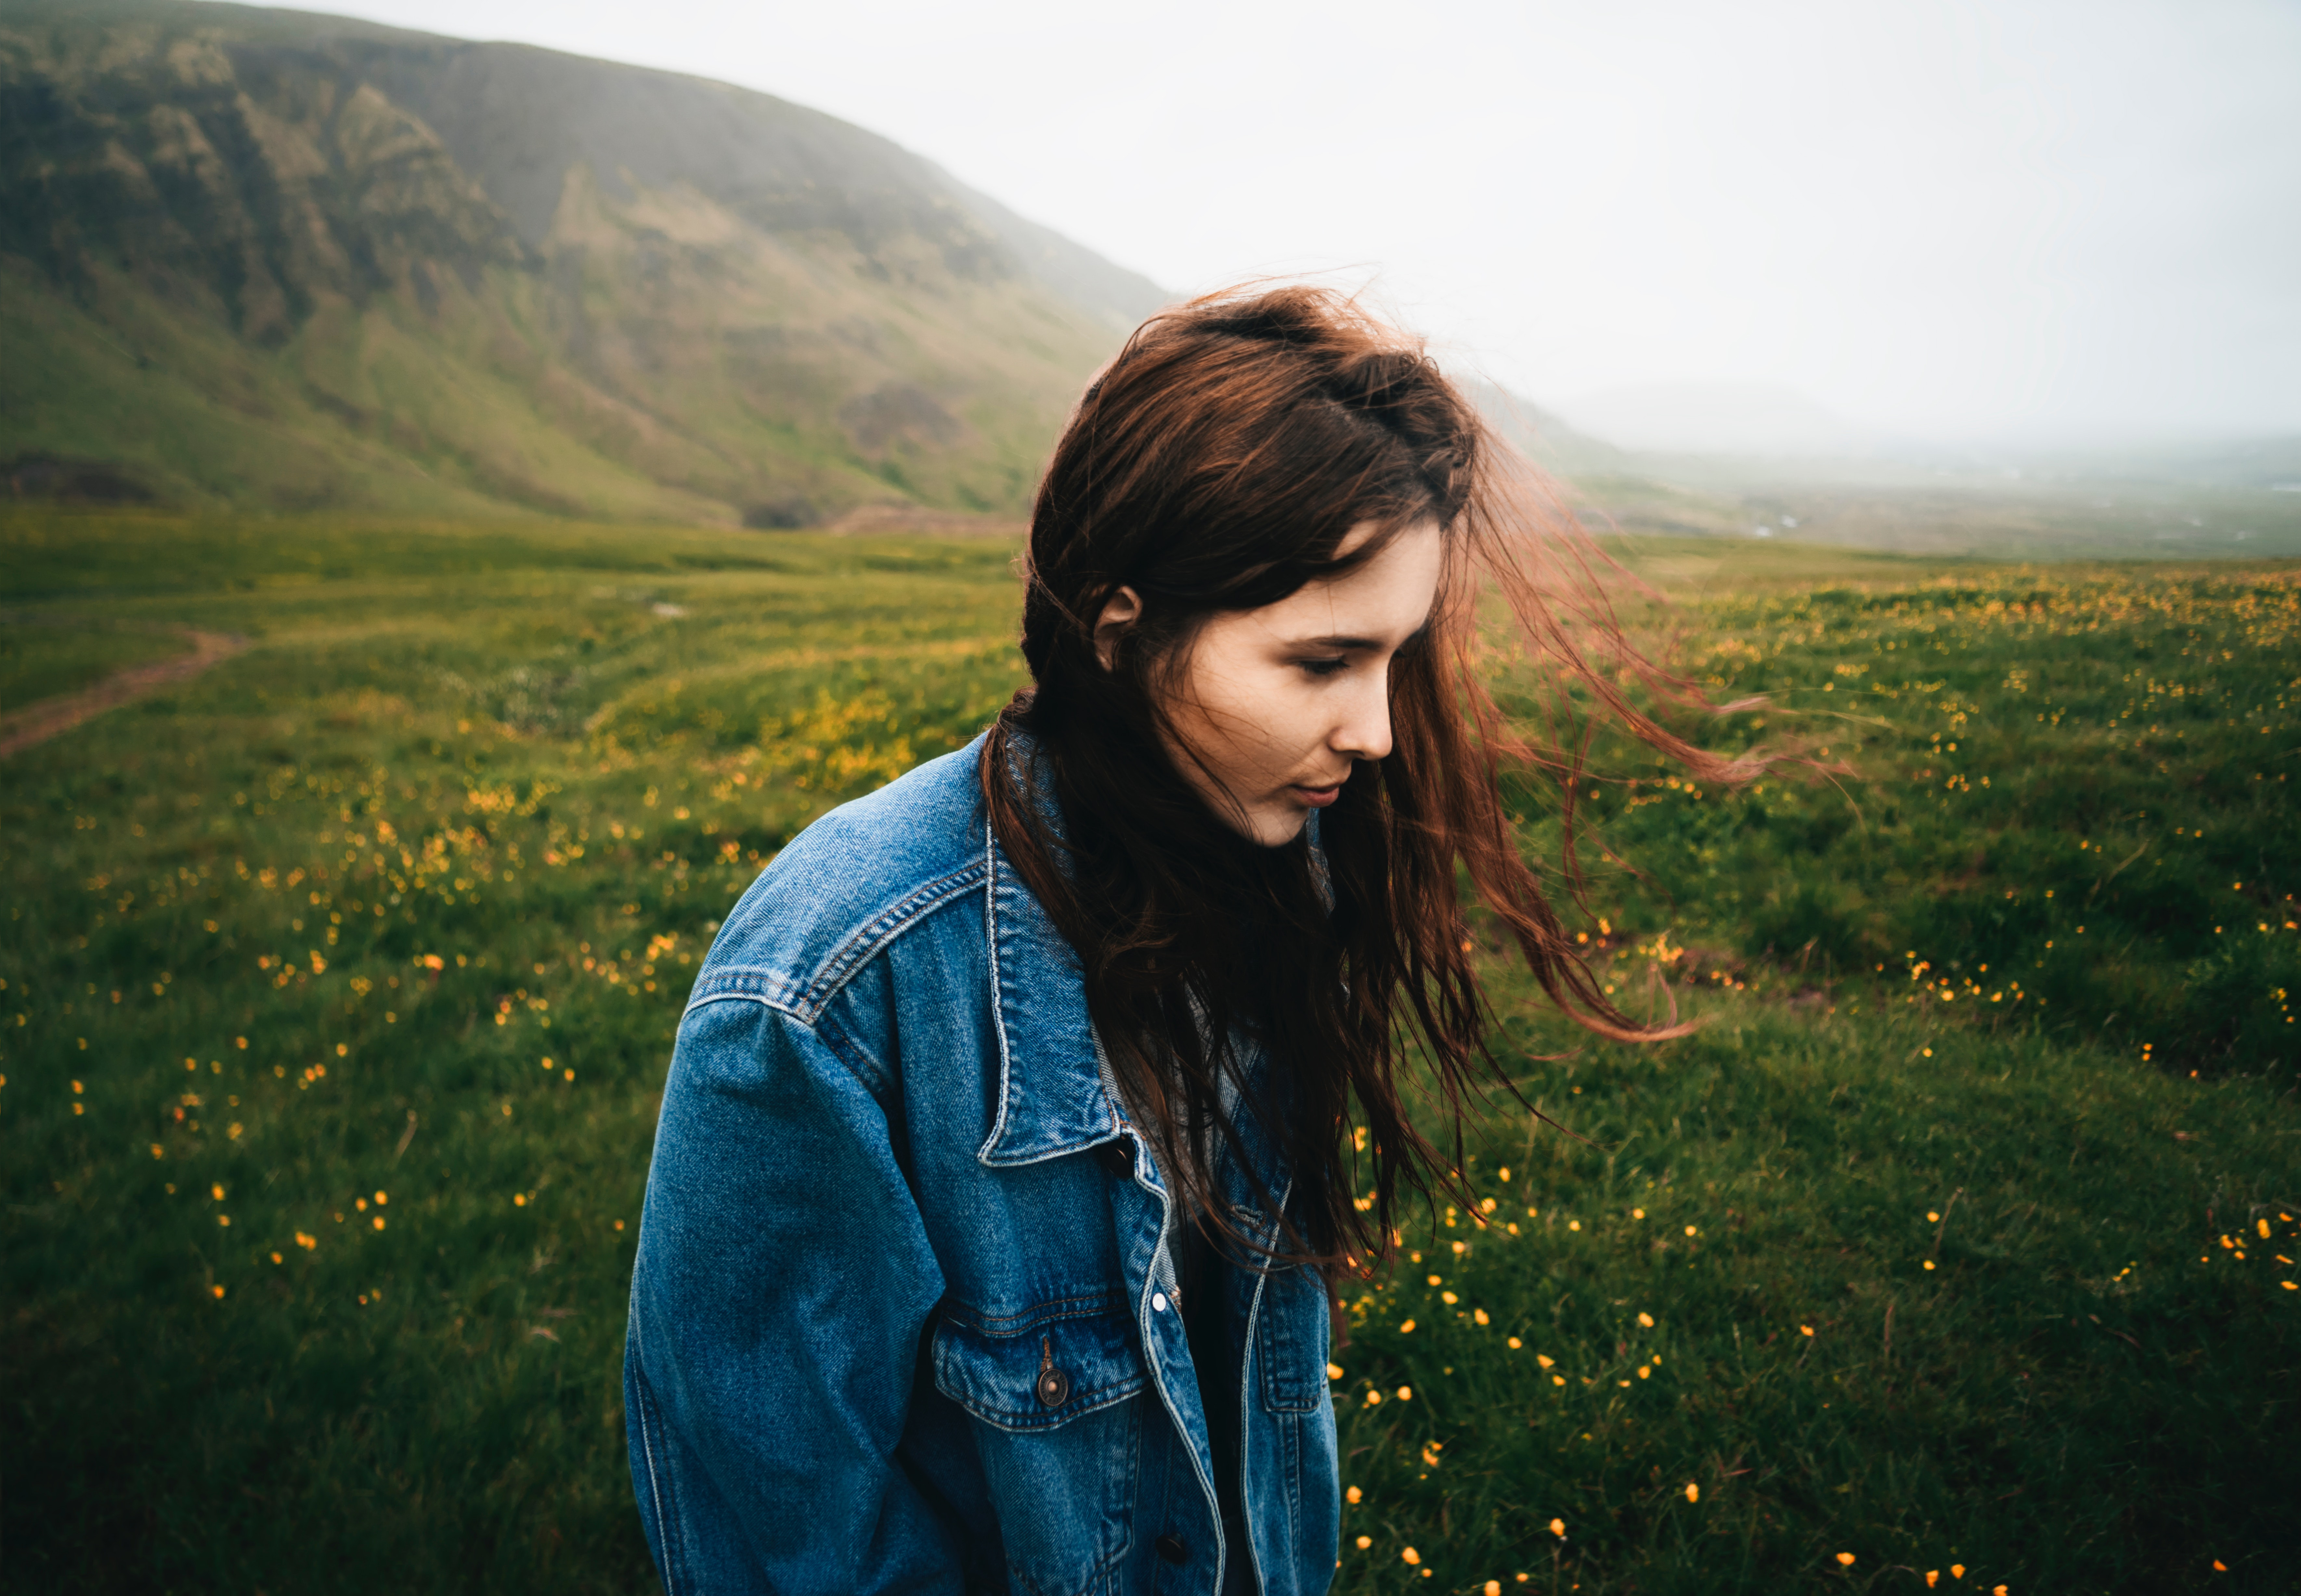 Woman wearing blue denim jacket walking on the green grass field photo